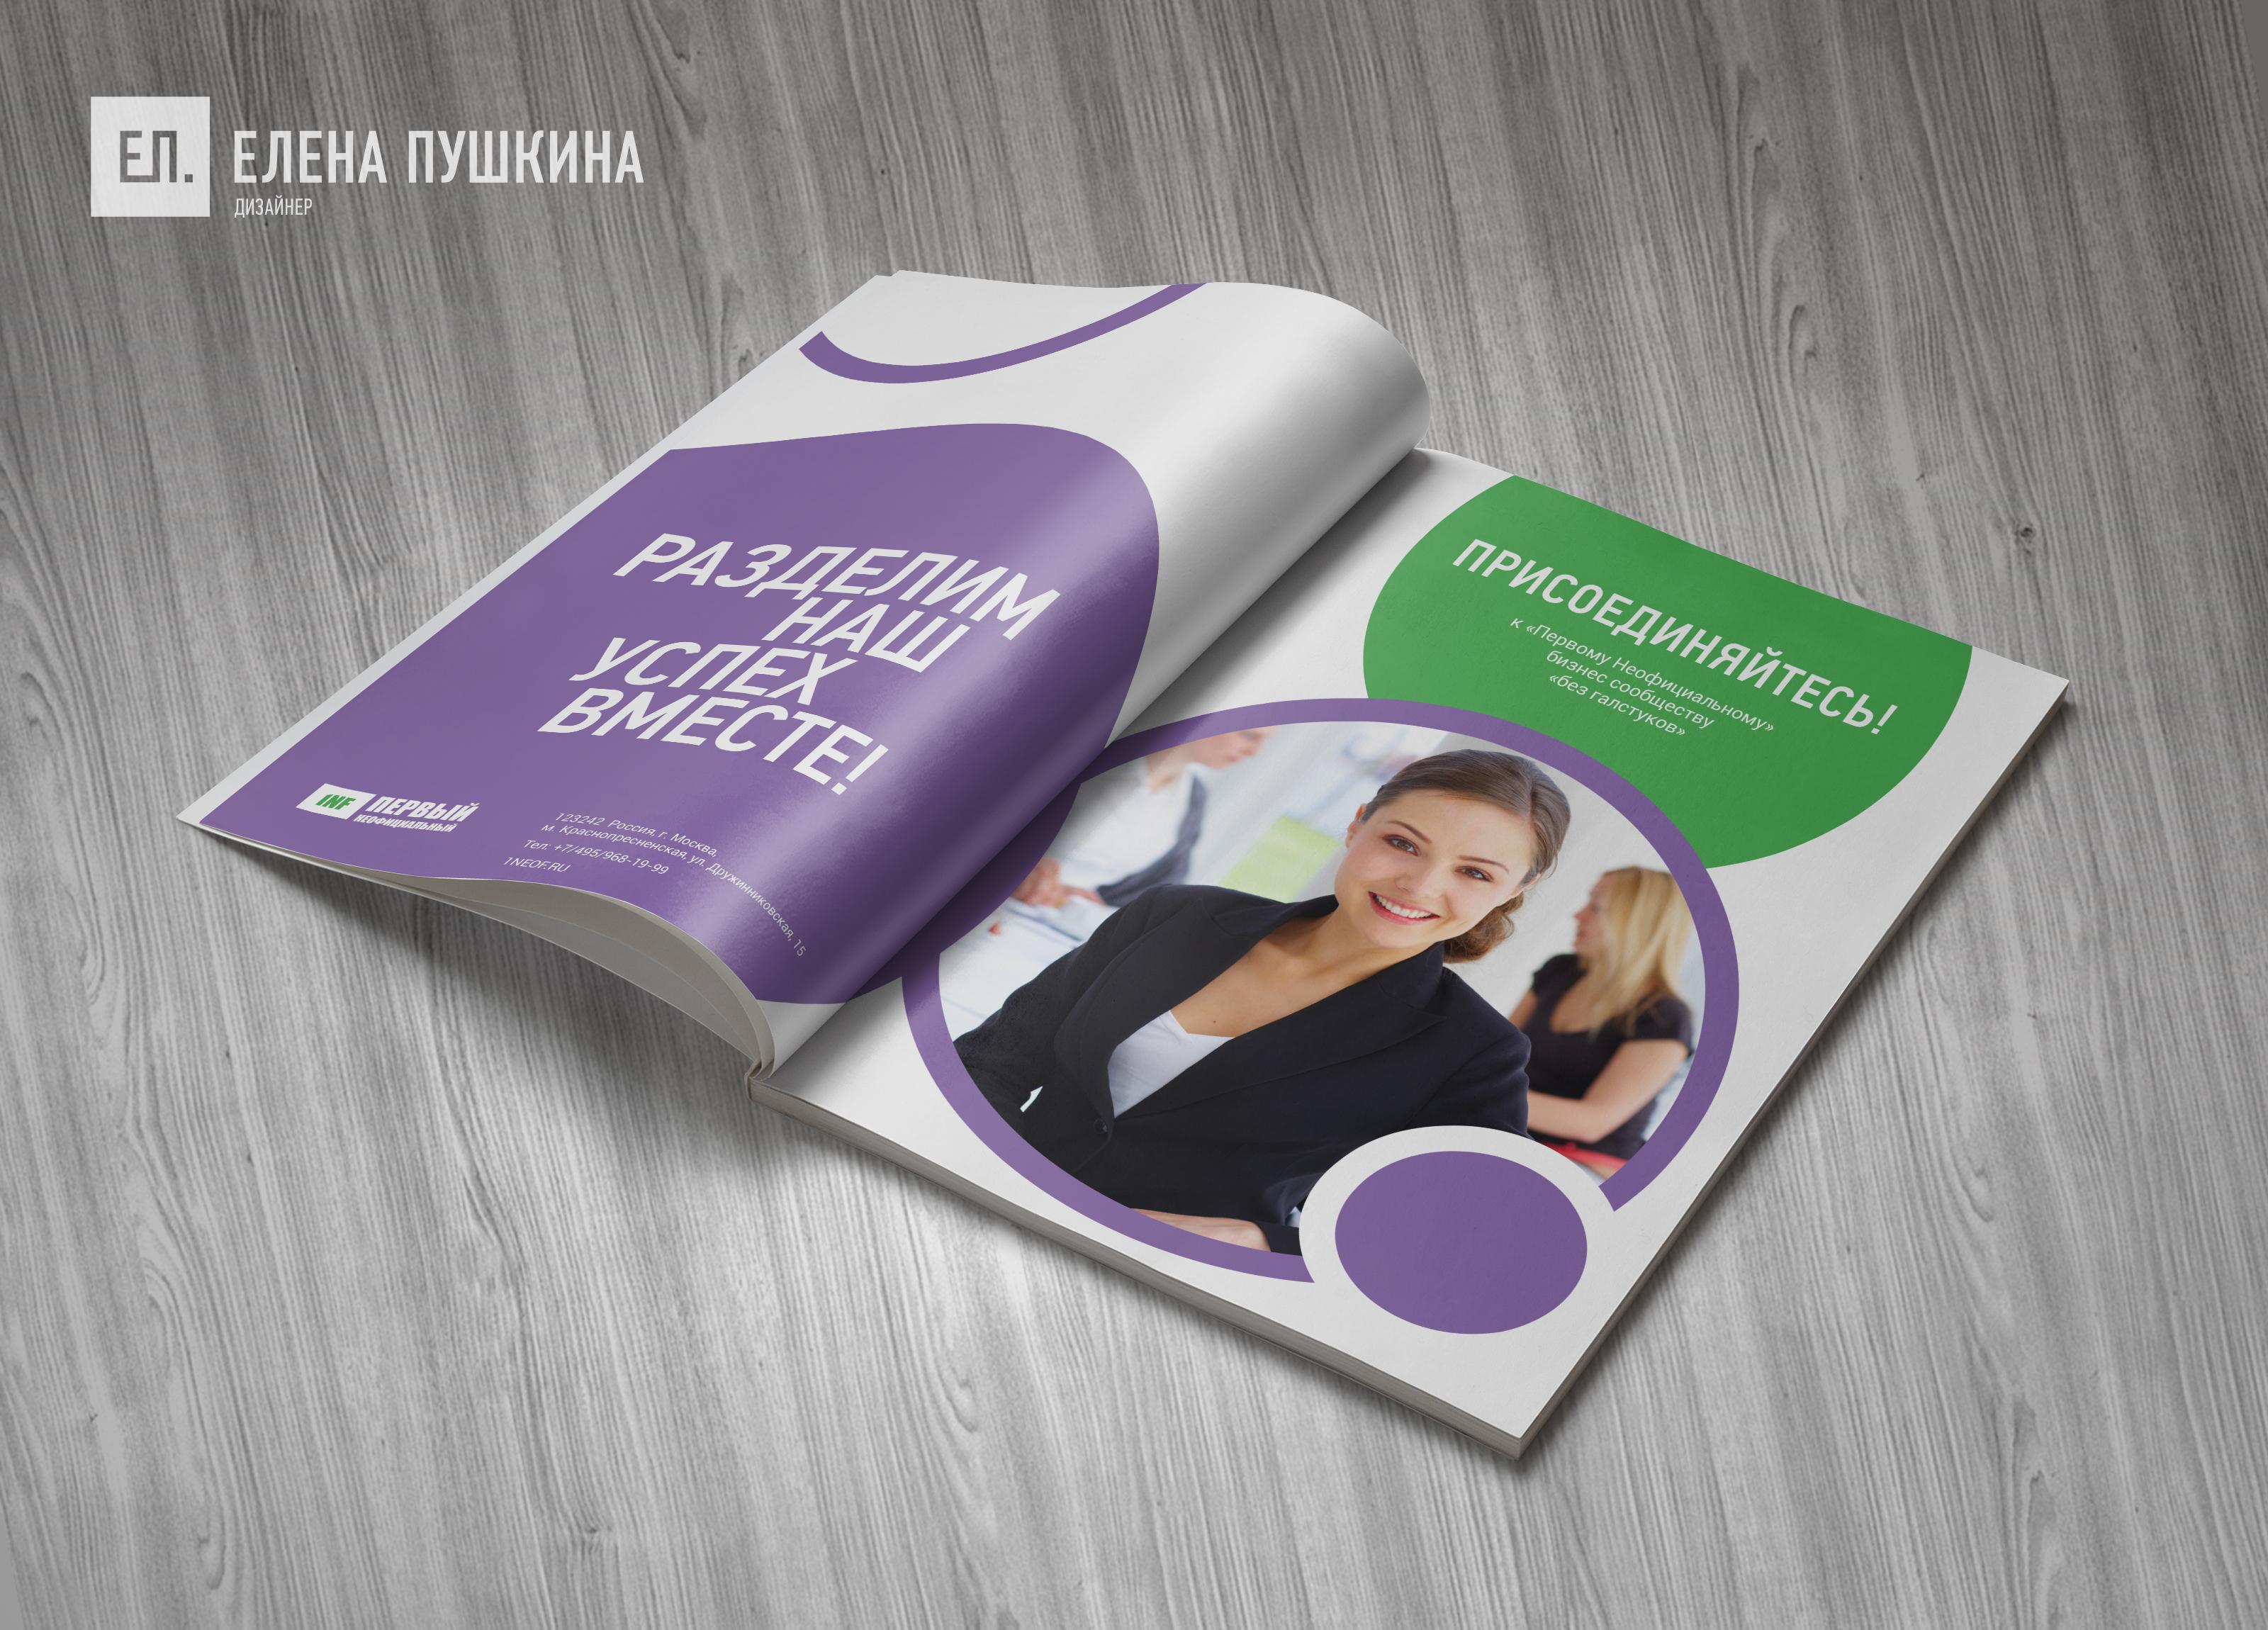 Маркетинг-кит франшизы телеканала «Первый Неофициальный»— дизайн с«нуля» обложки, макета, инфографики ивёрстка брошюры Дизайн брошюр, буклетов Портфолио